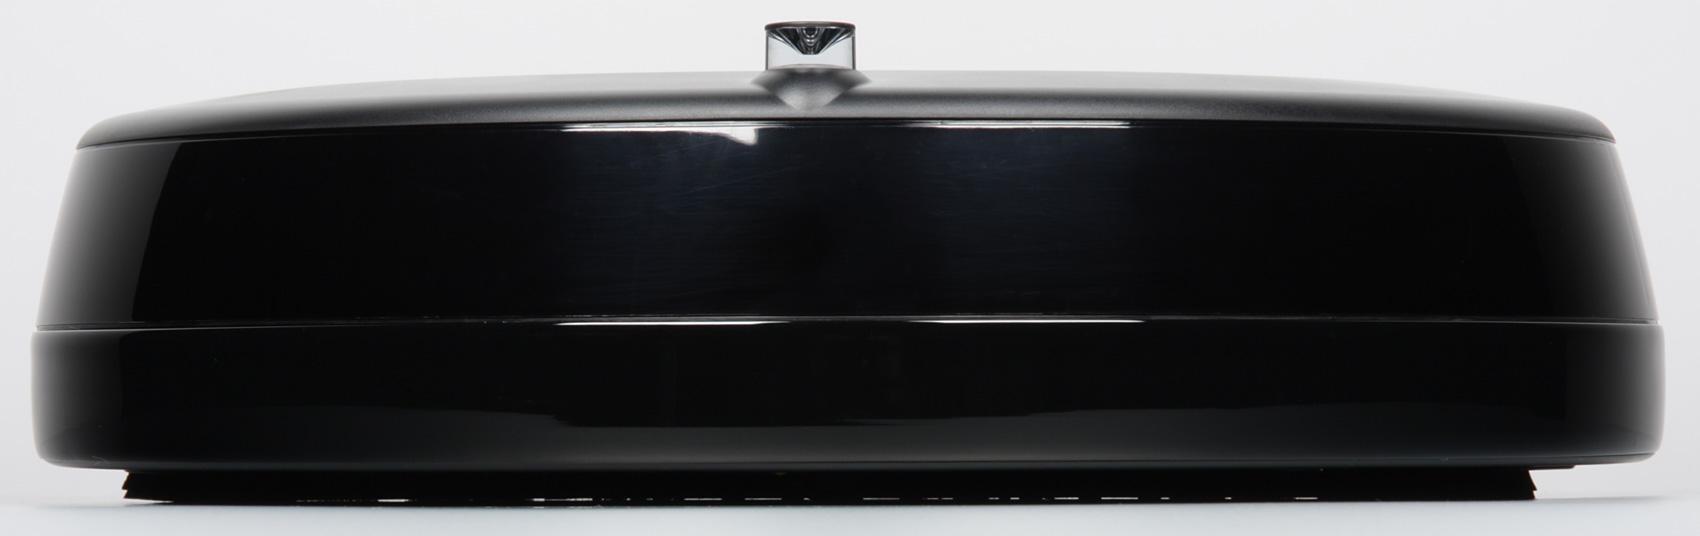 iRobot Bumper (4413254) - бампер для Scooba 450 (Black)